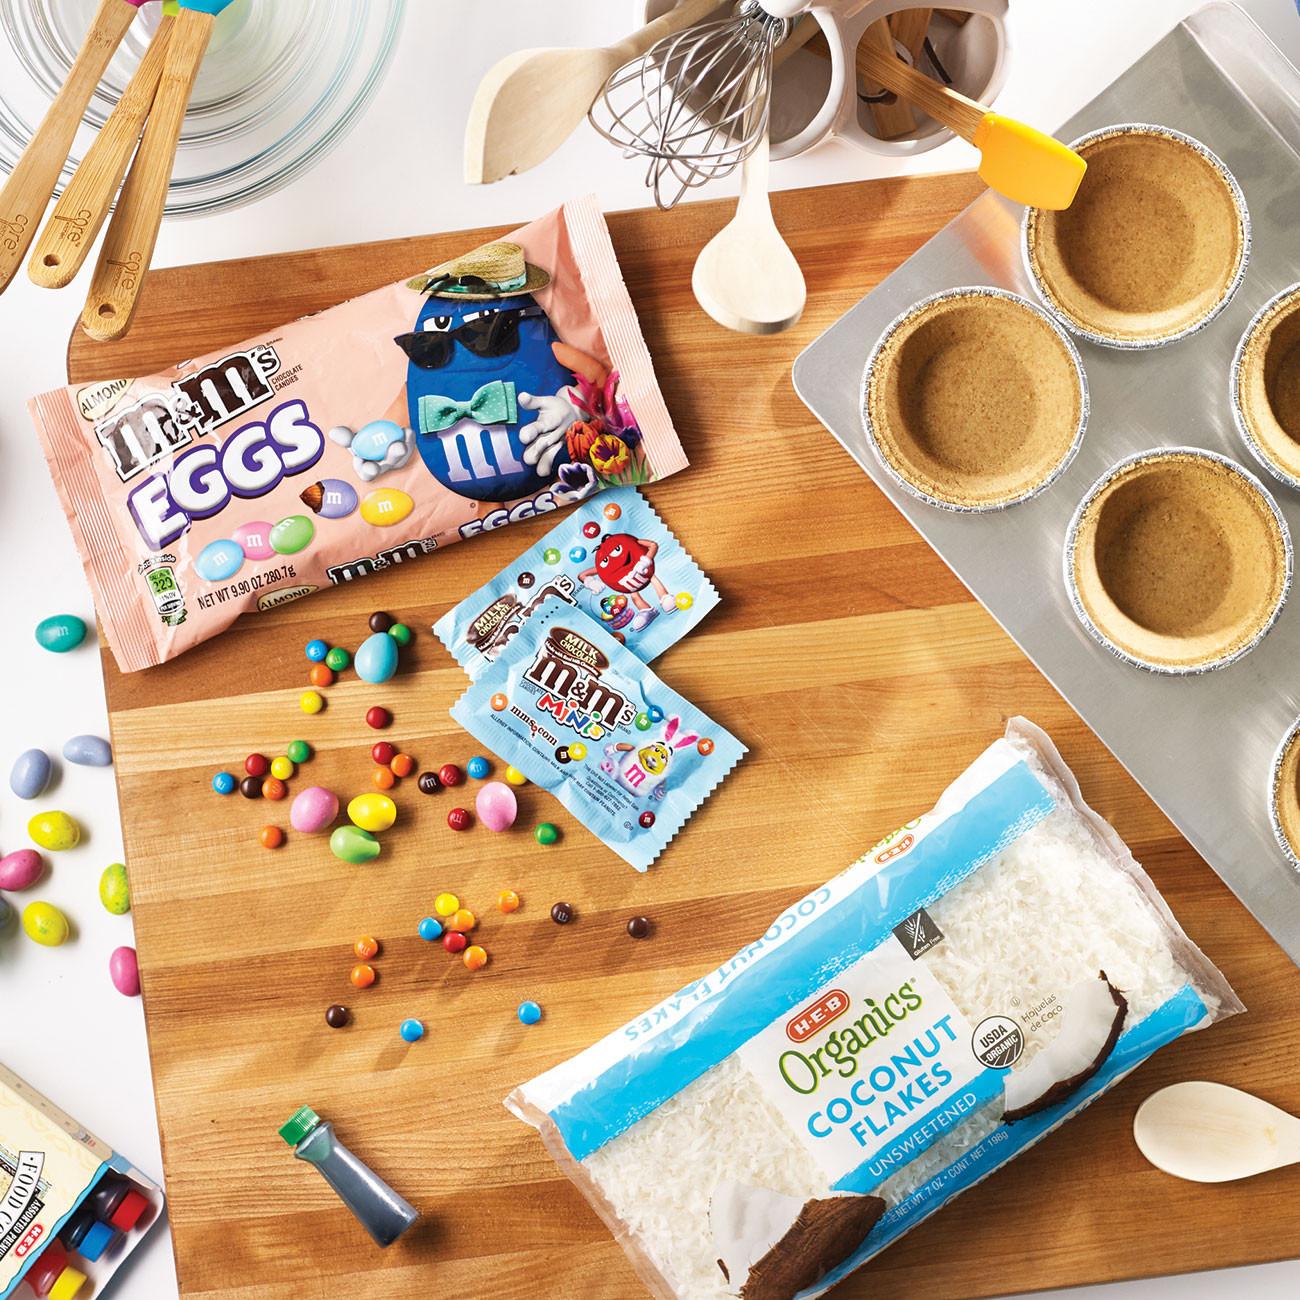 easter crafts for kids step 1